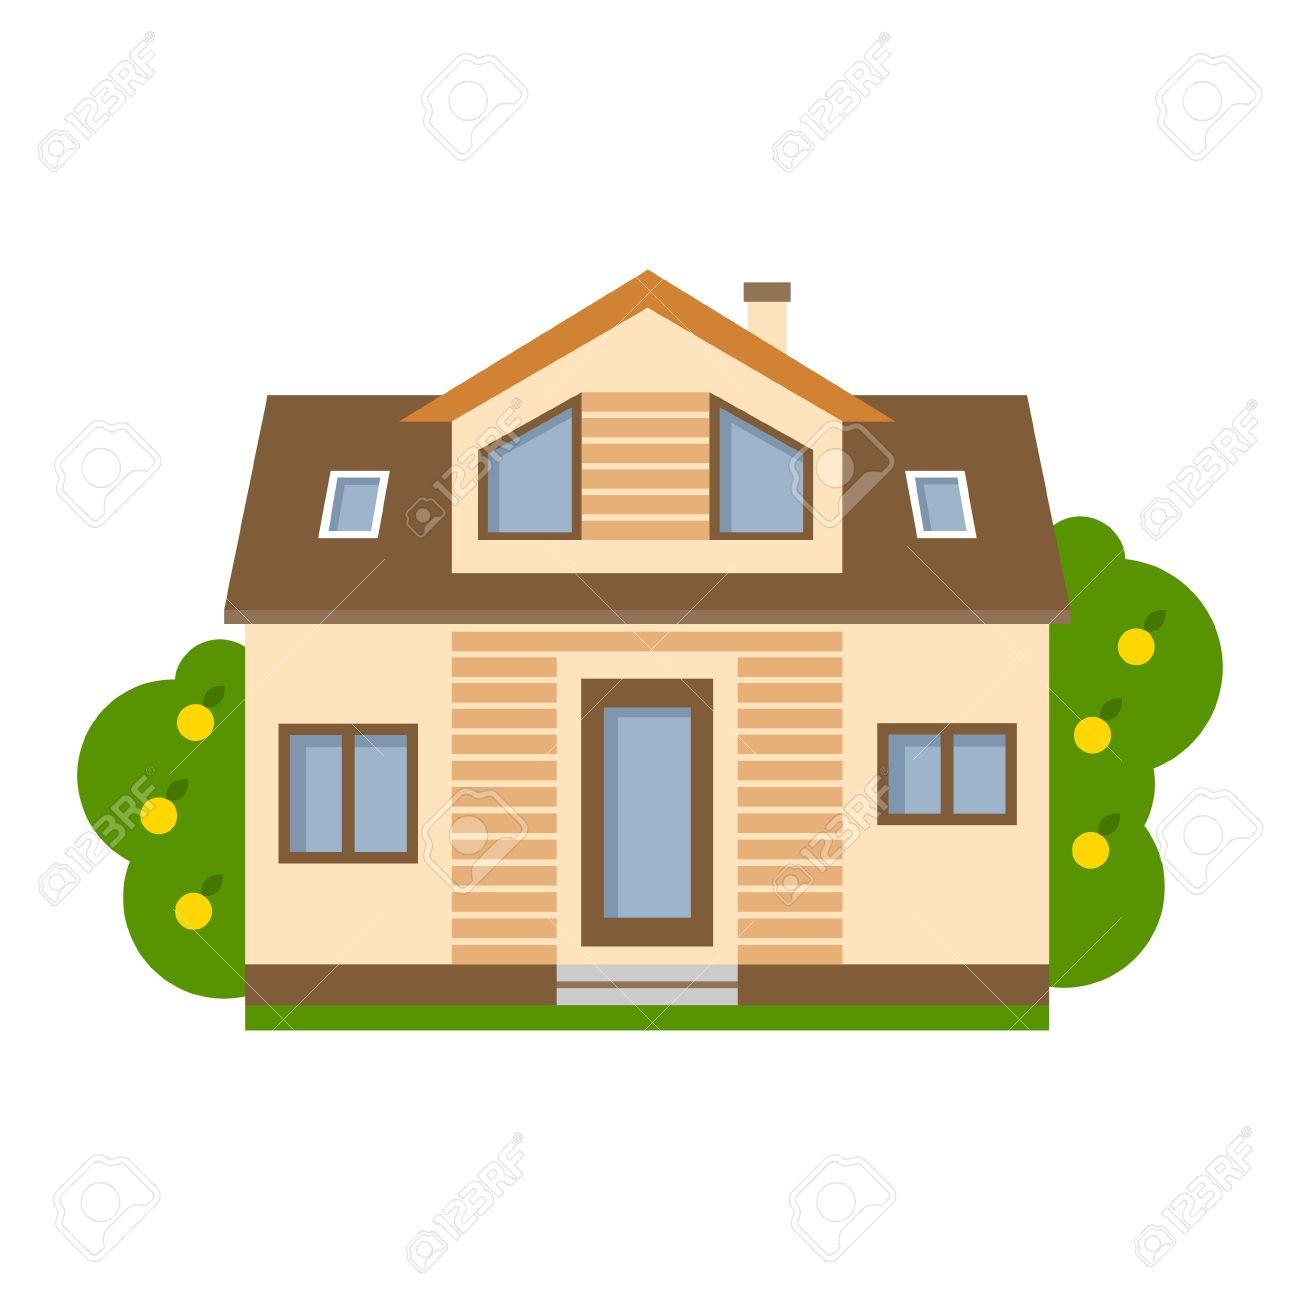 casa aislada de dibujos animados. casa suburbana simple. concepto ... - Bienes Inmuebles Dibujos